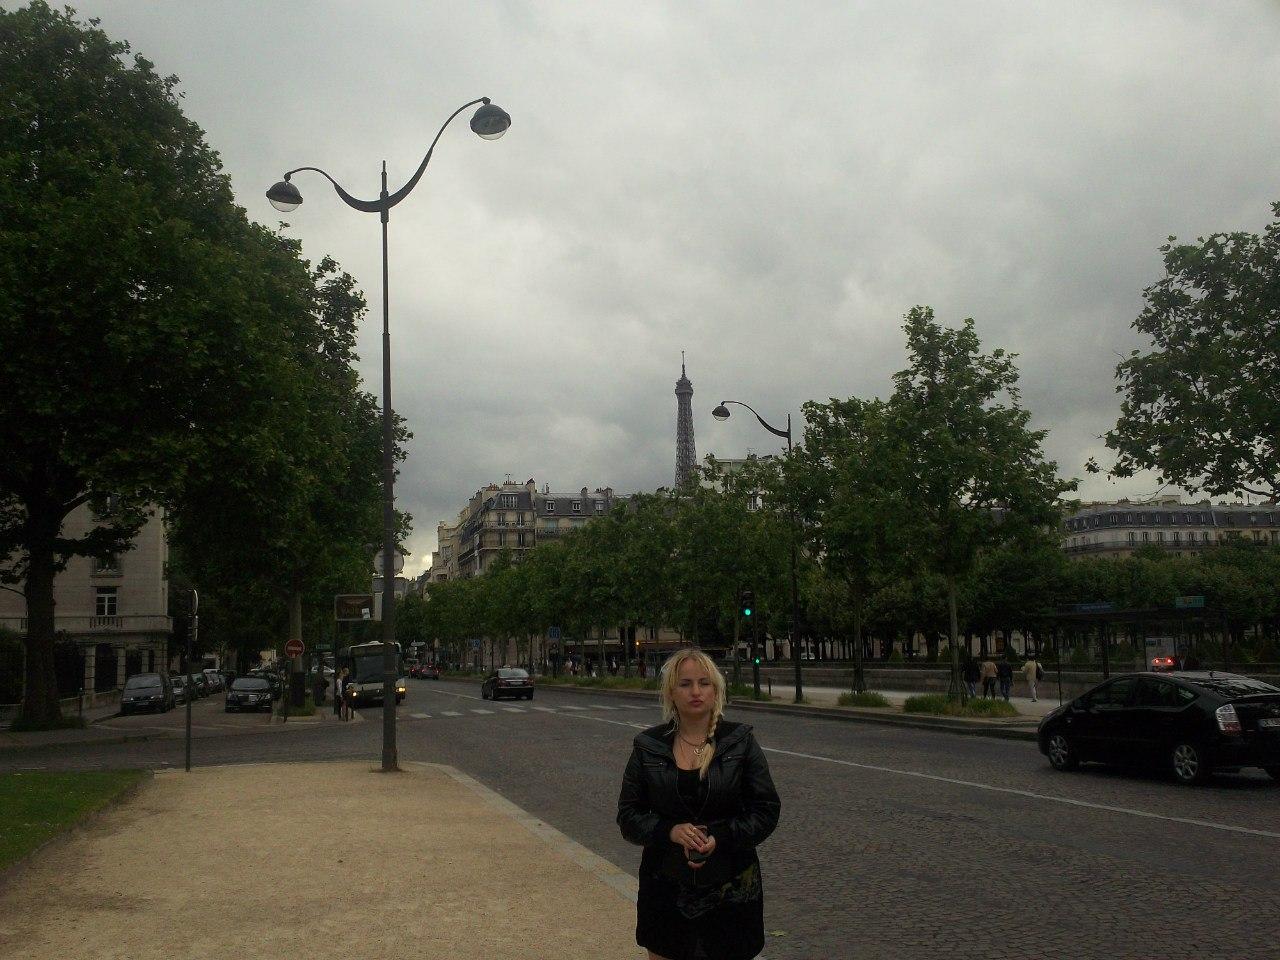 Елена Руденко. Франция. Париж. 2013 г. июнь. UmgRnsBq0pM